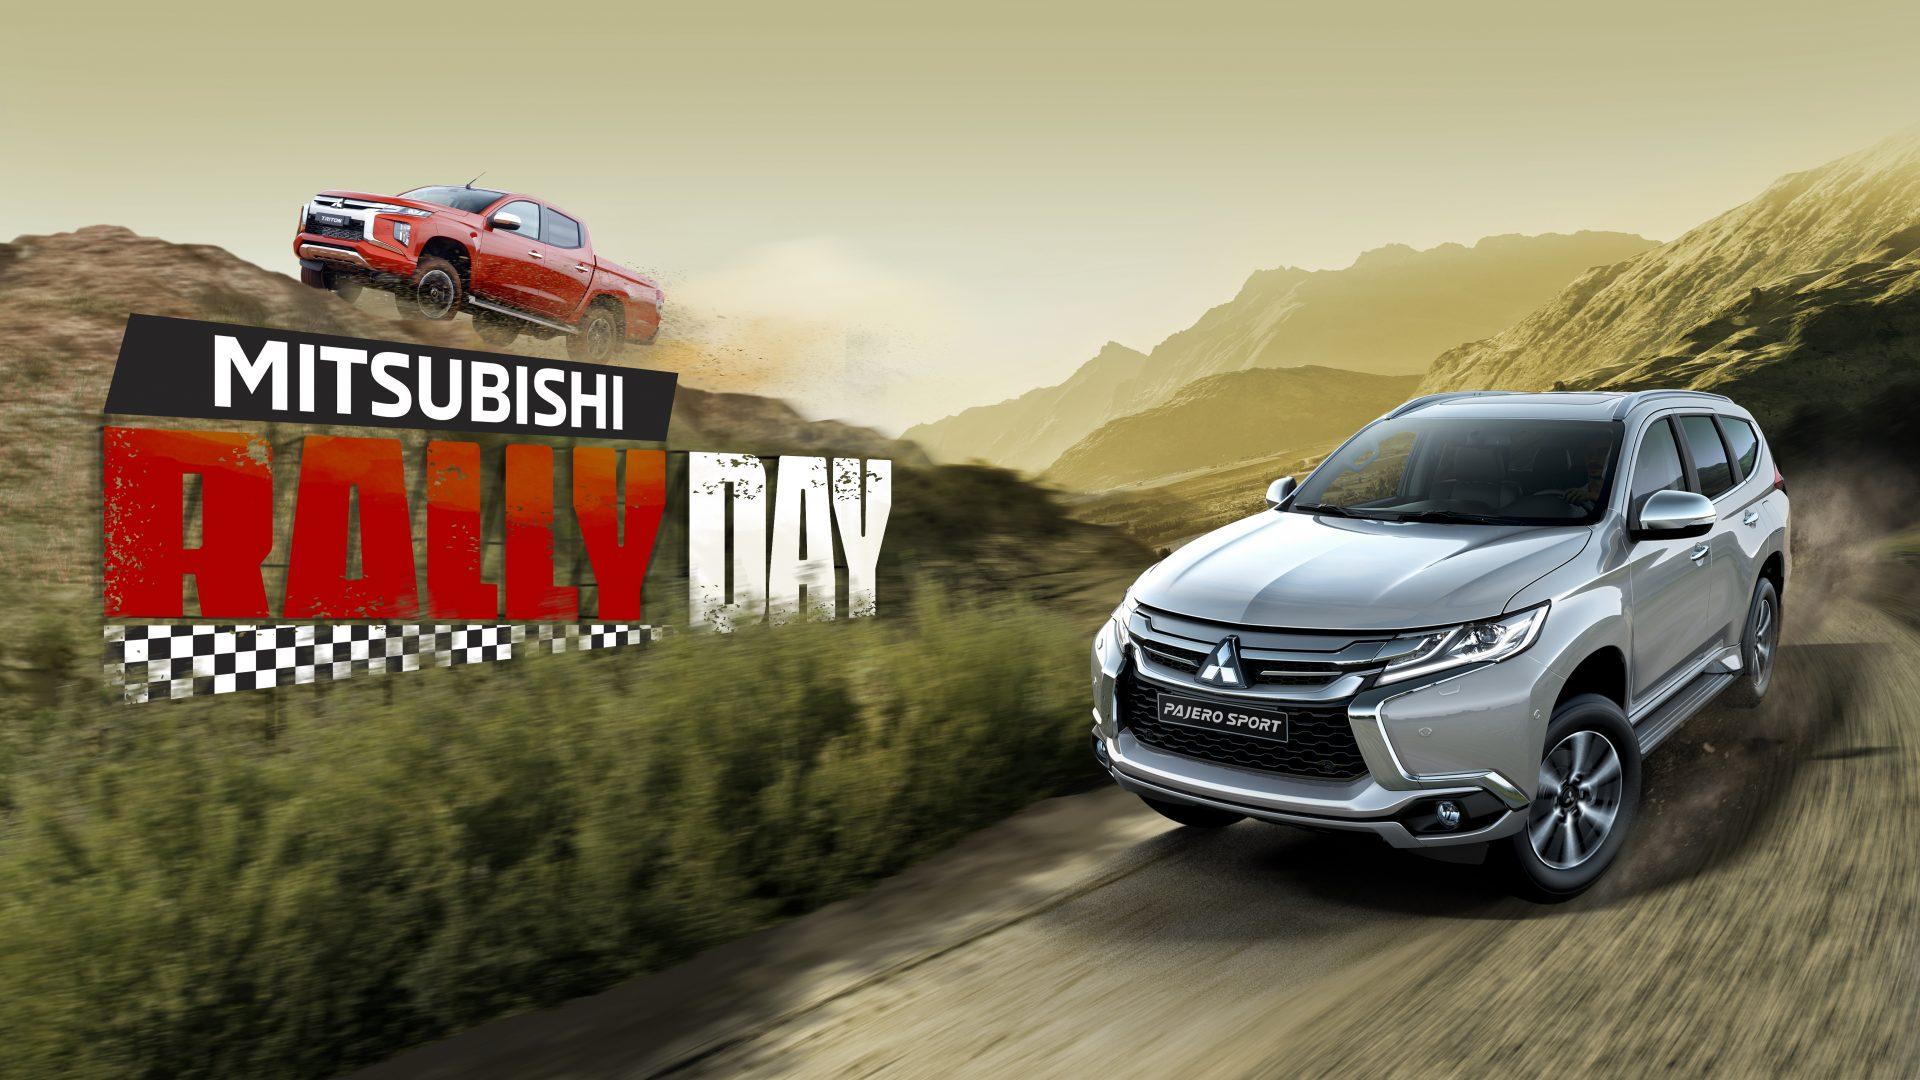 MITSUBISHI RALLY DAY – Đăng ký trải nghiệm Triton & Pajero Sport cùng Racing AKA